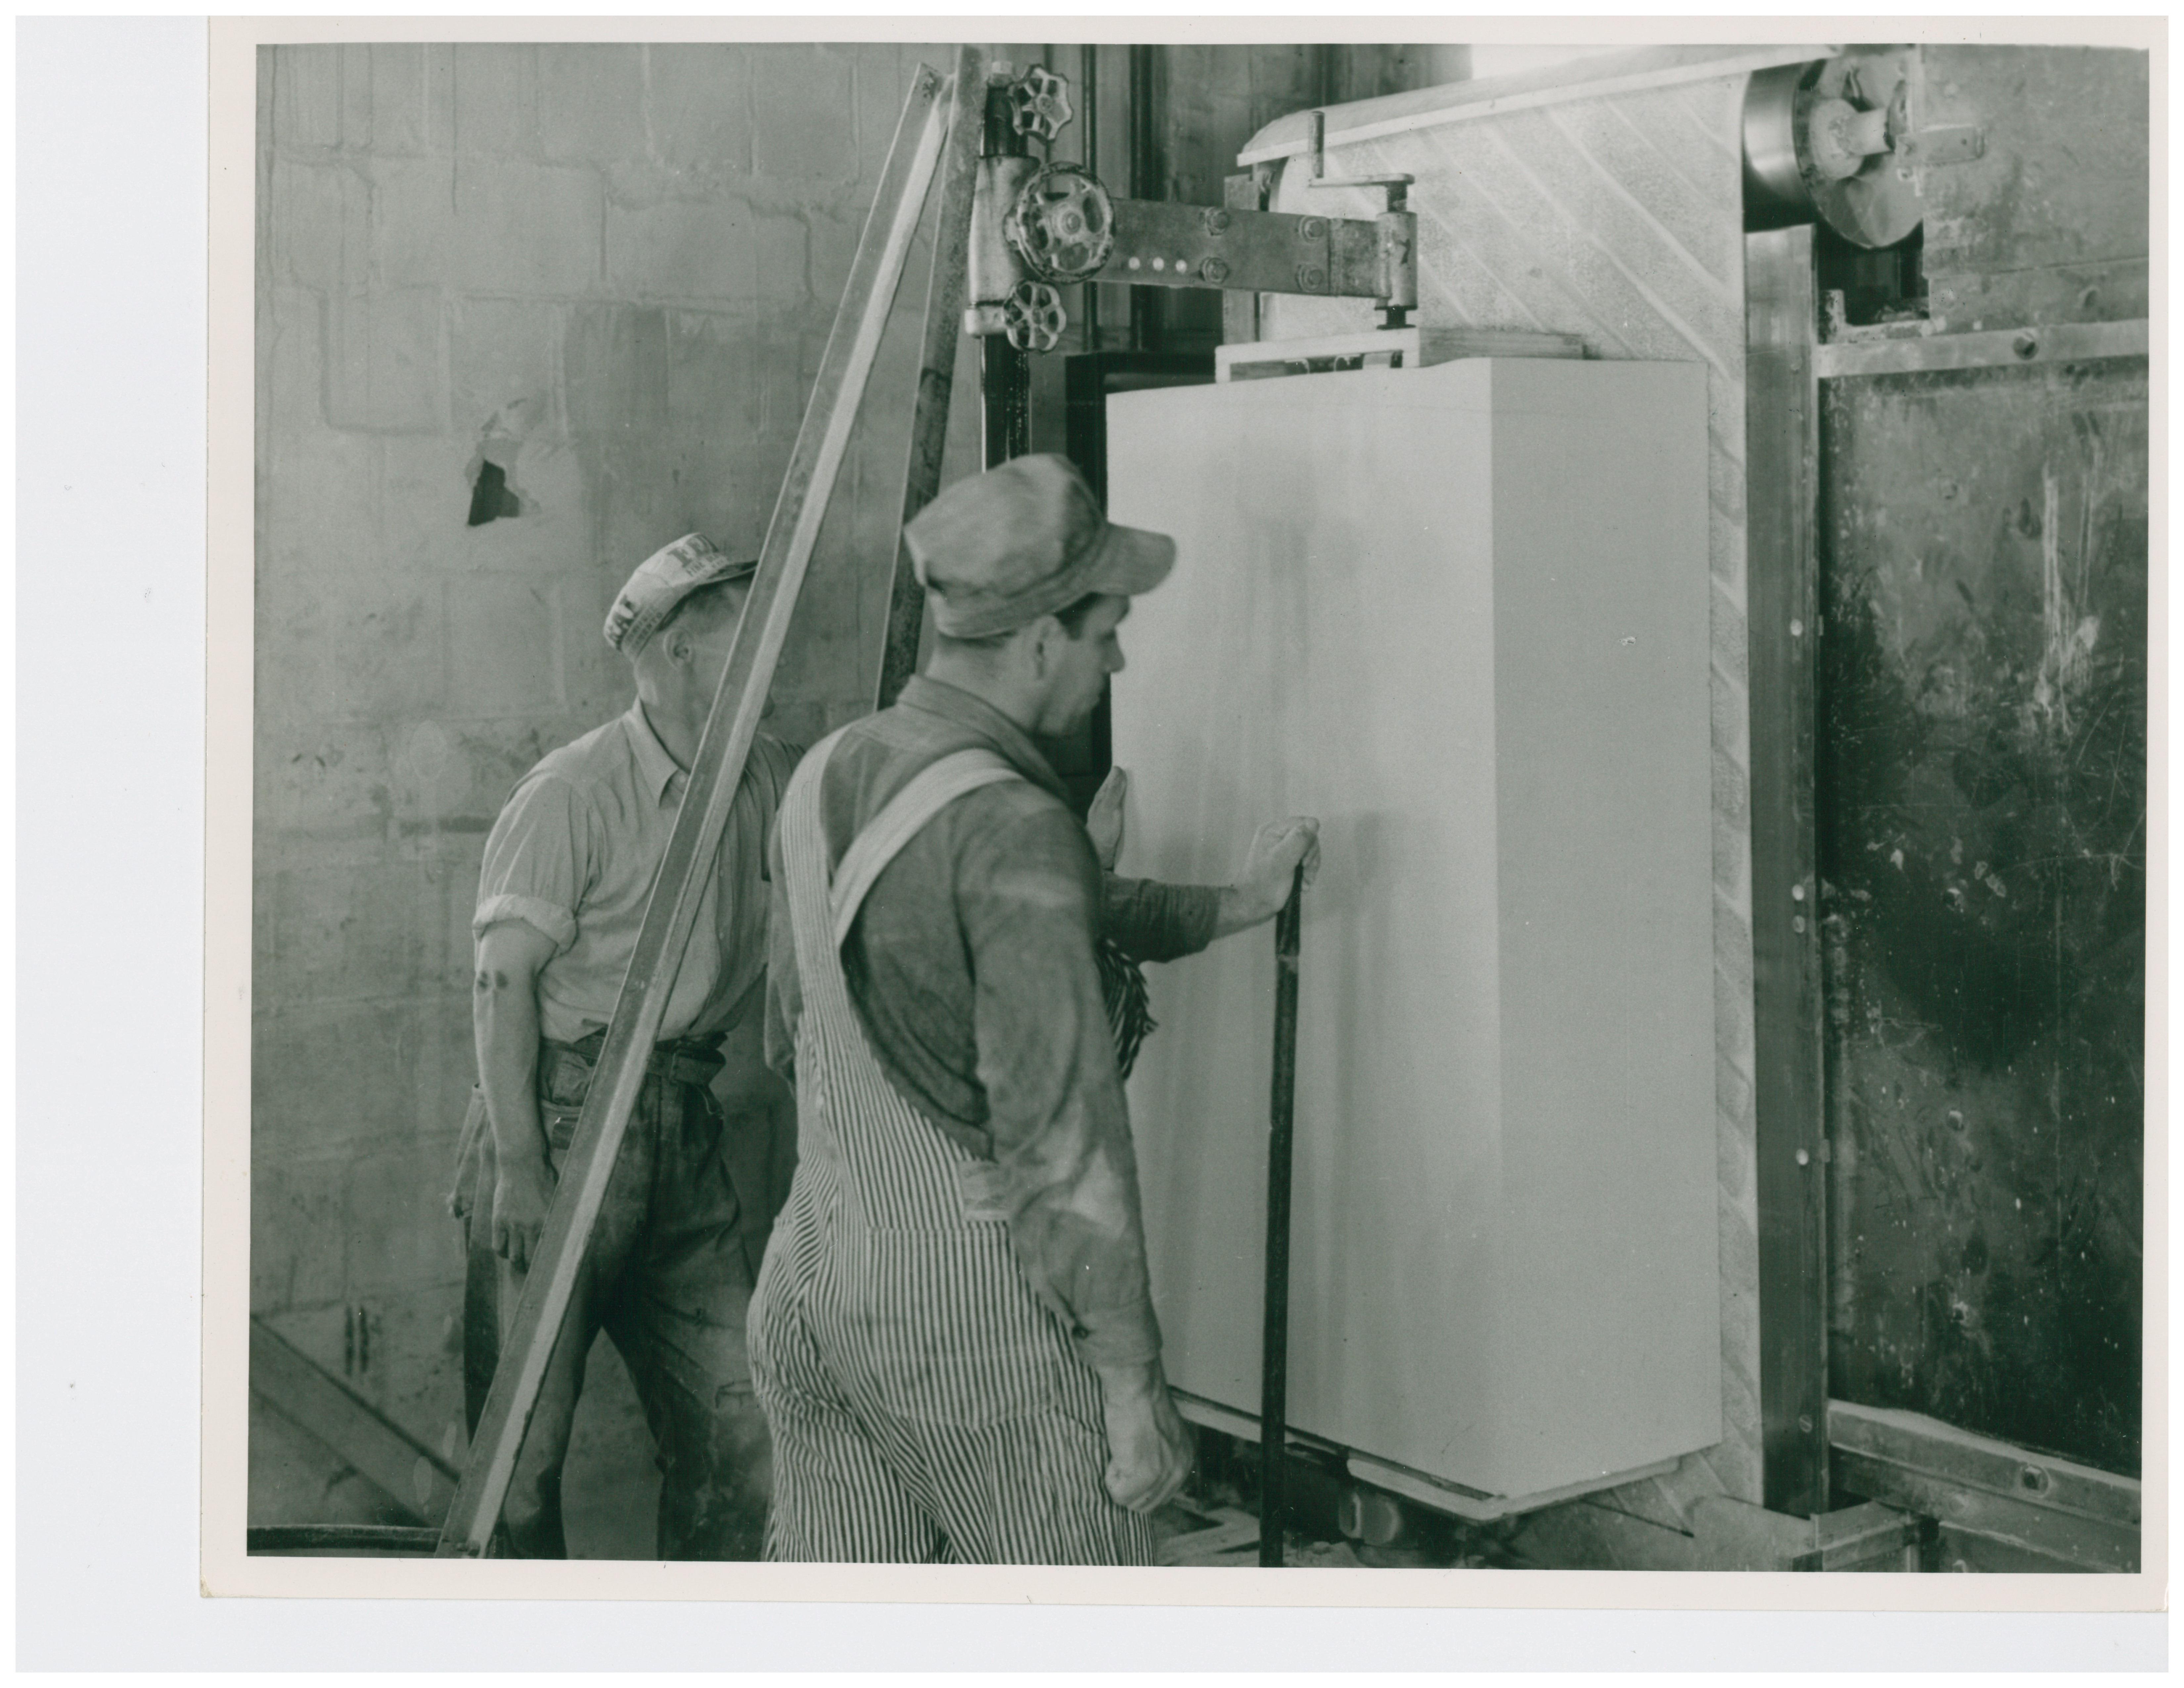 1946 Vertical Belt Sander